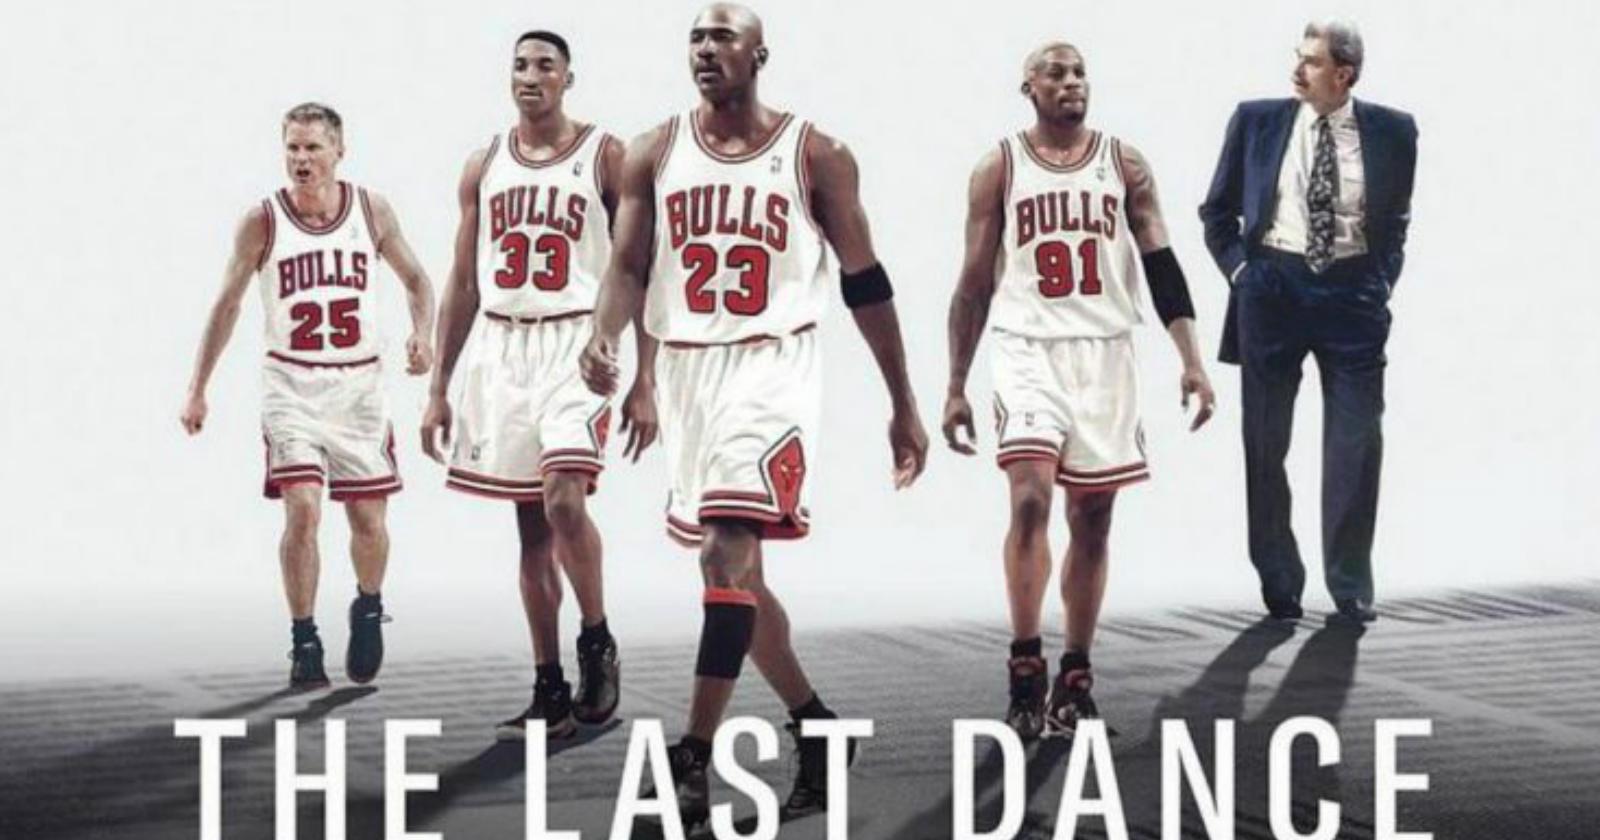 The Last Dance: una historia de deporte imperdible para cualquiera